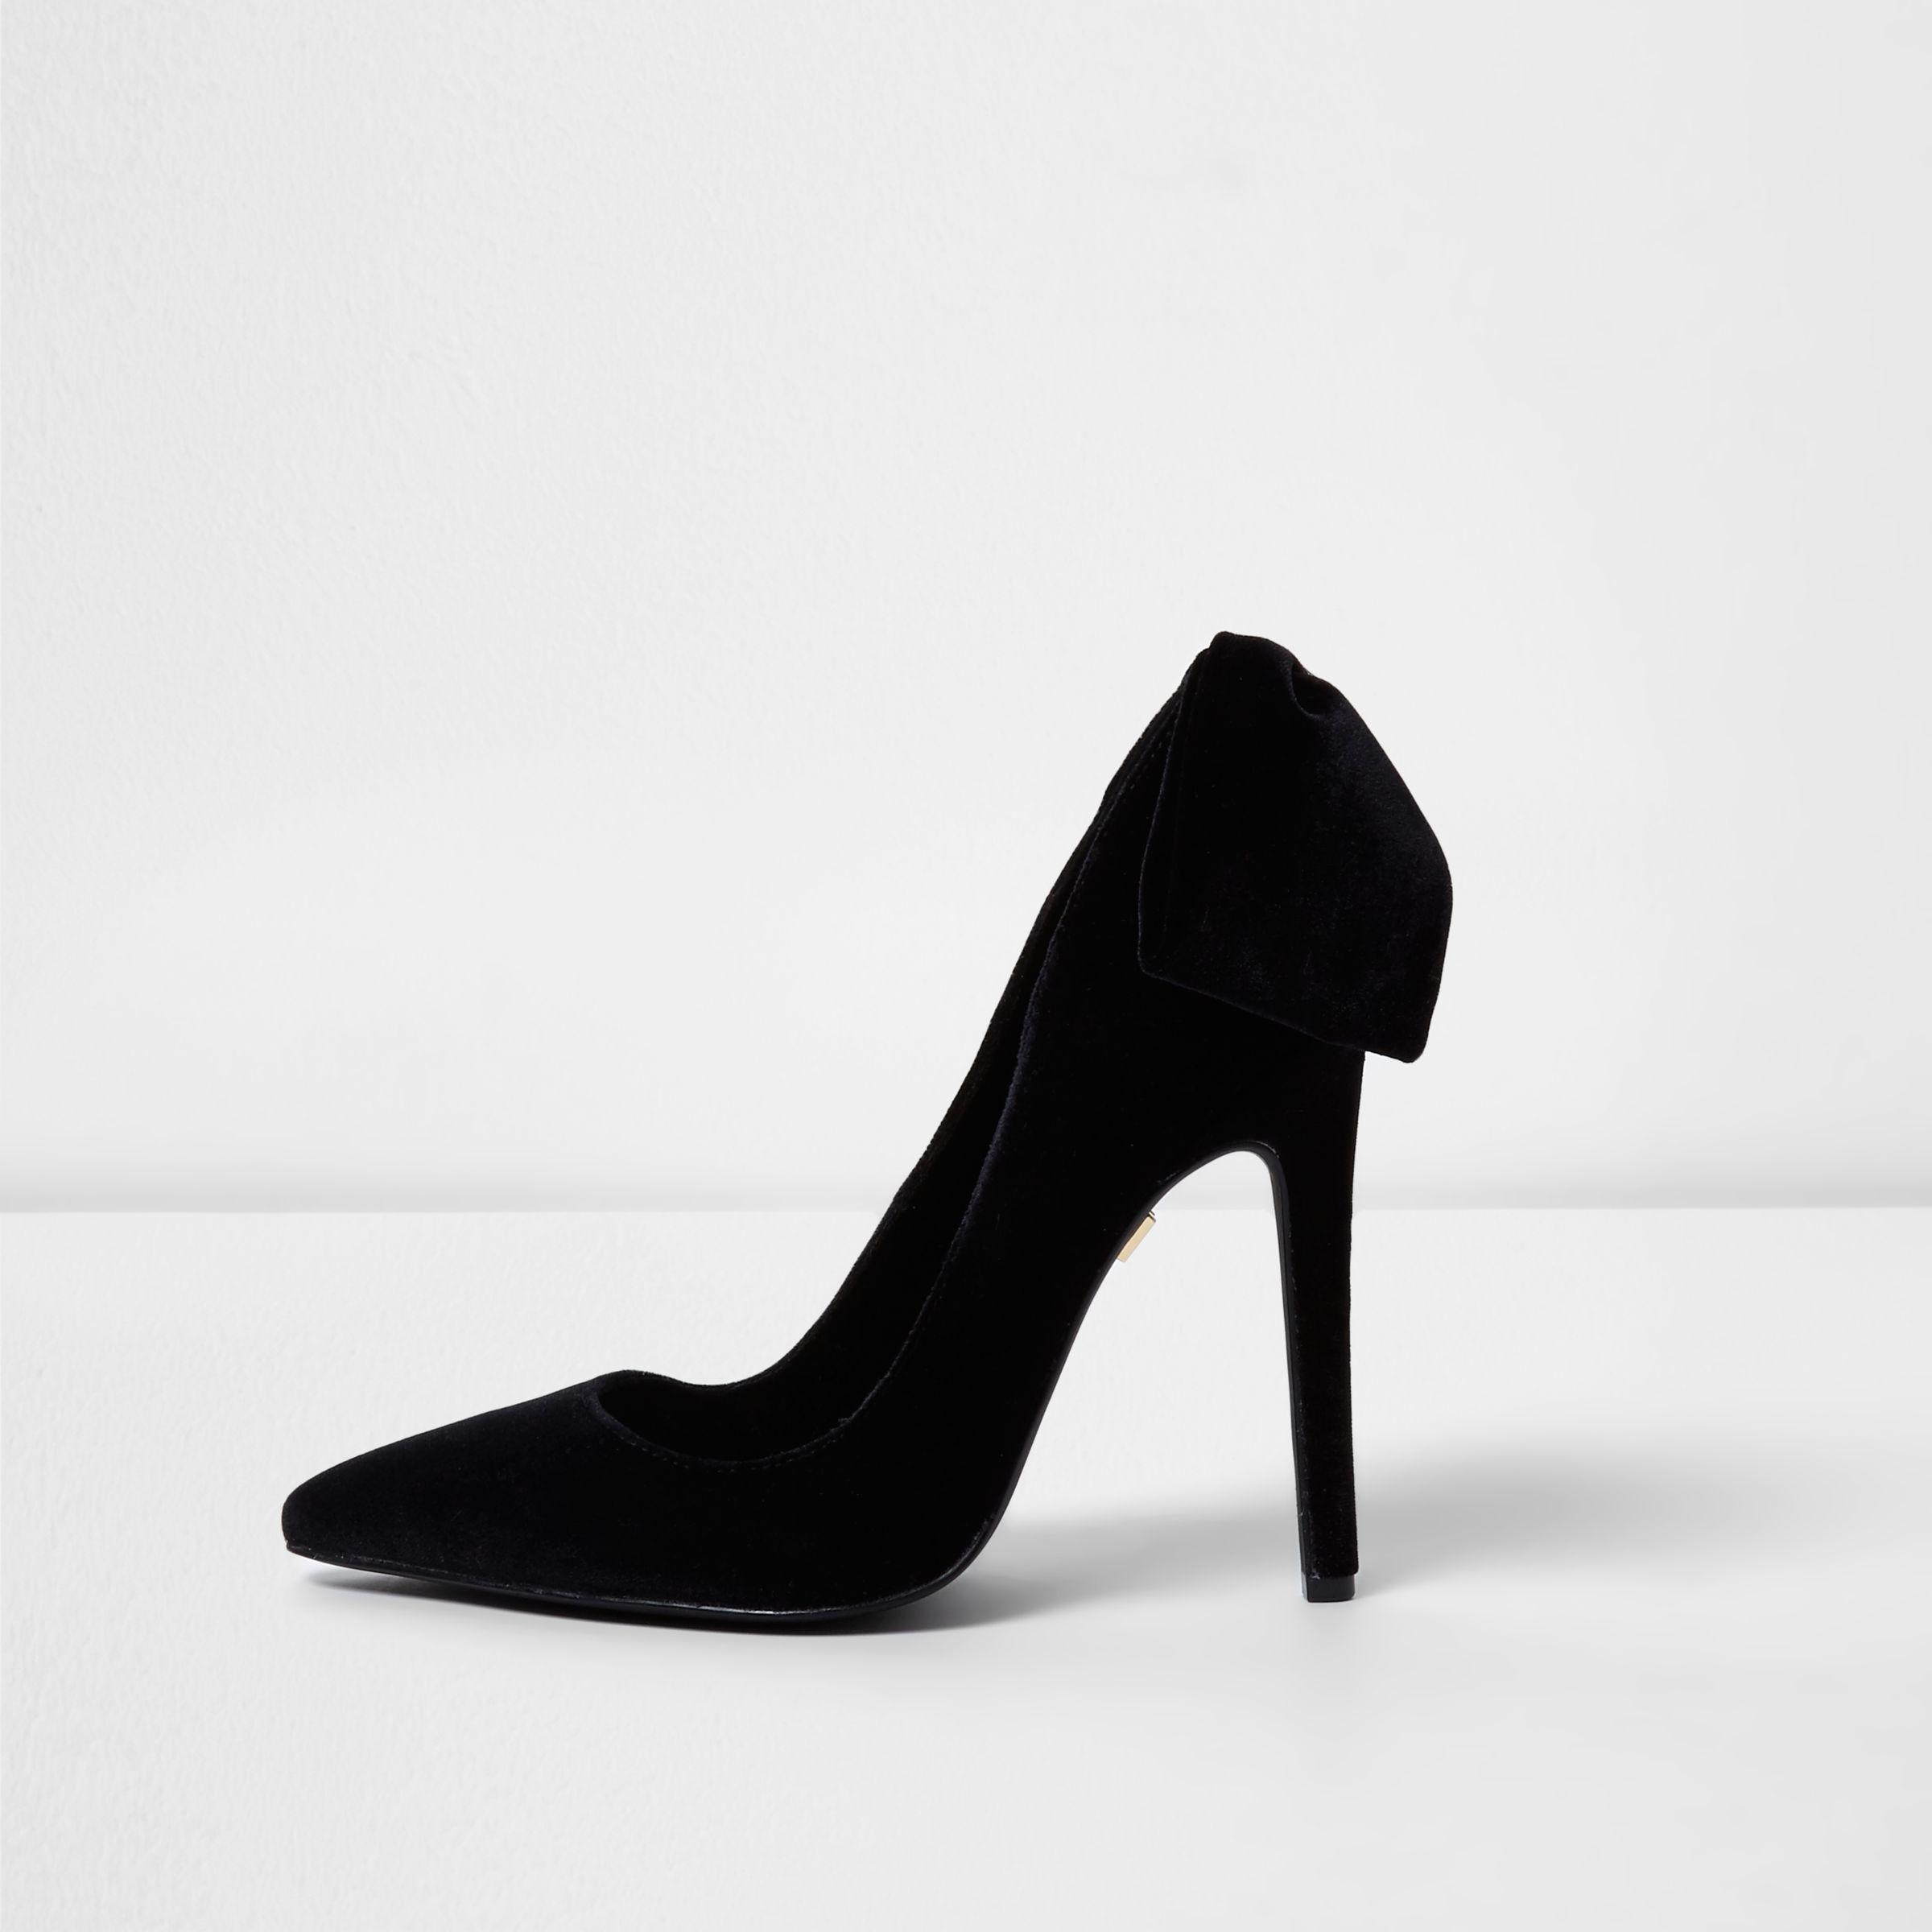 2ae8ec8eac1e River Island Black Velvet Bow Back Court Shoes in Black - Lyst